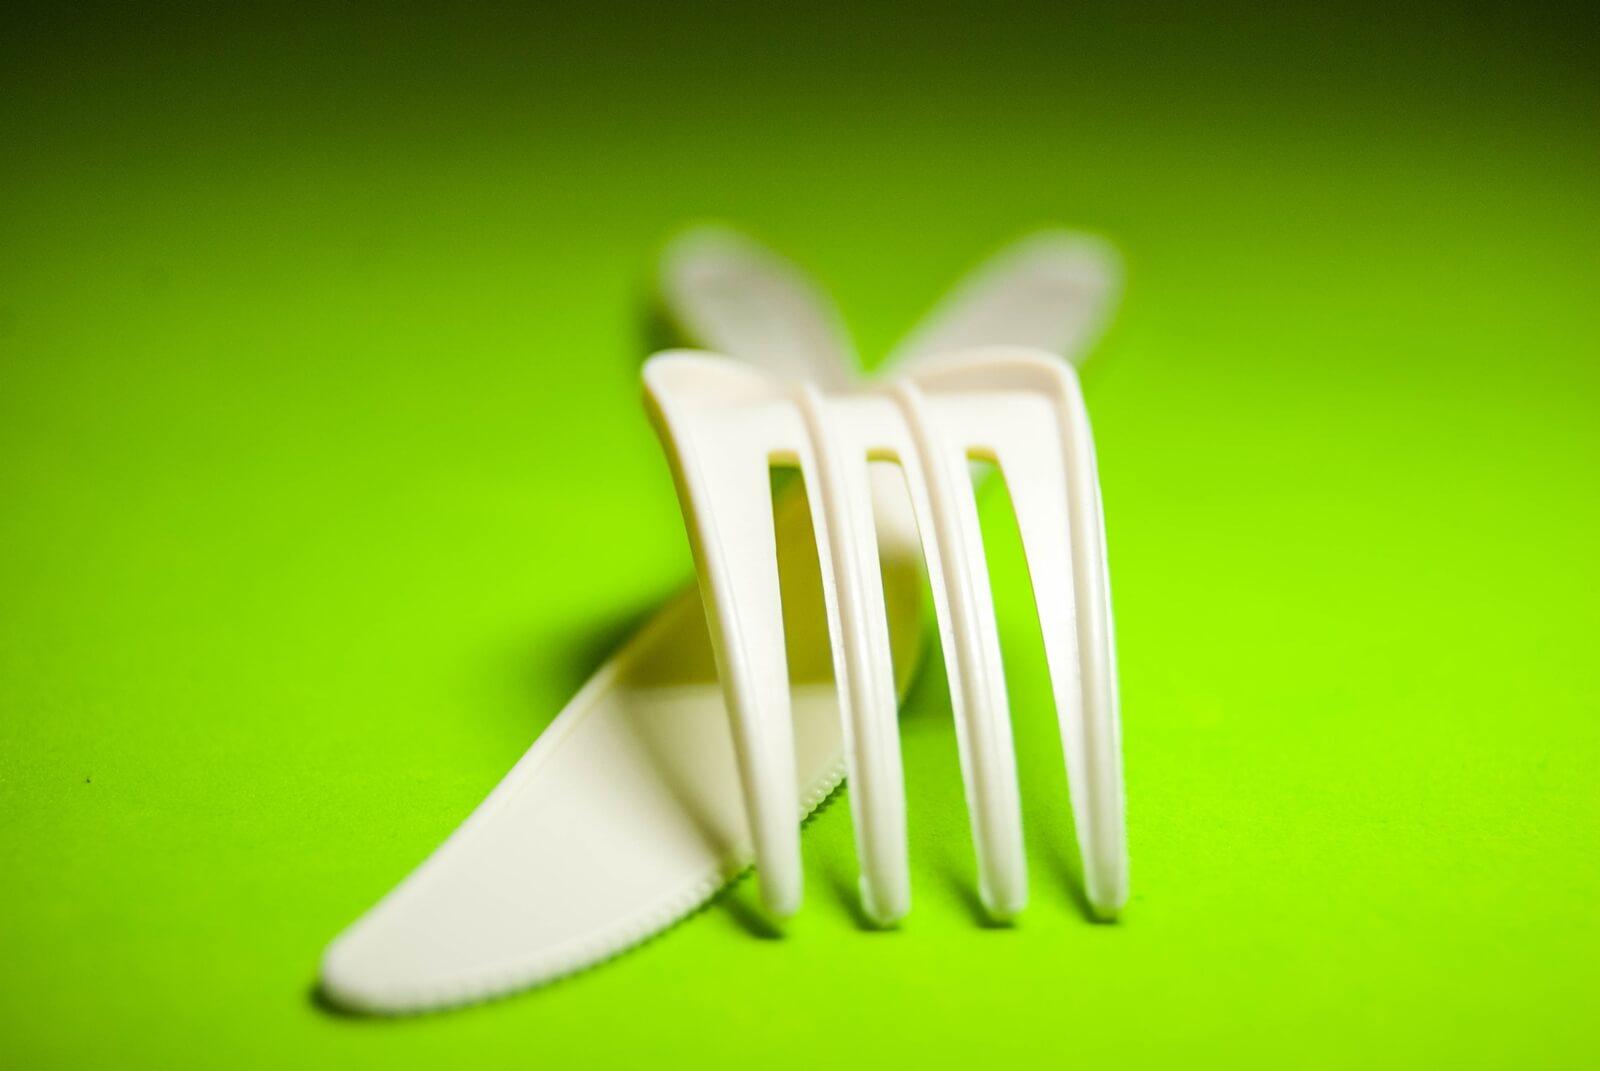 Cubiertos de pepa de aguacate biodegradables ecuador